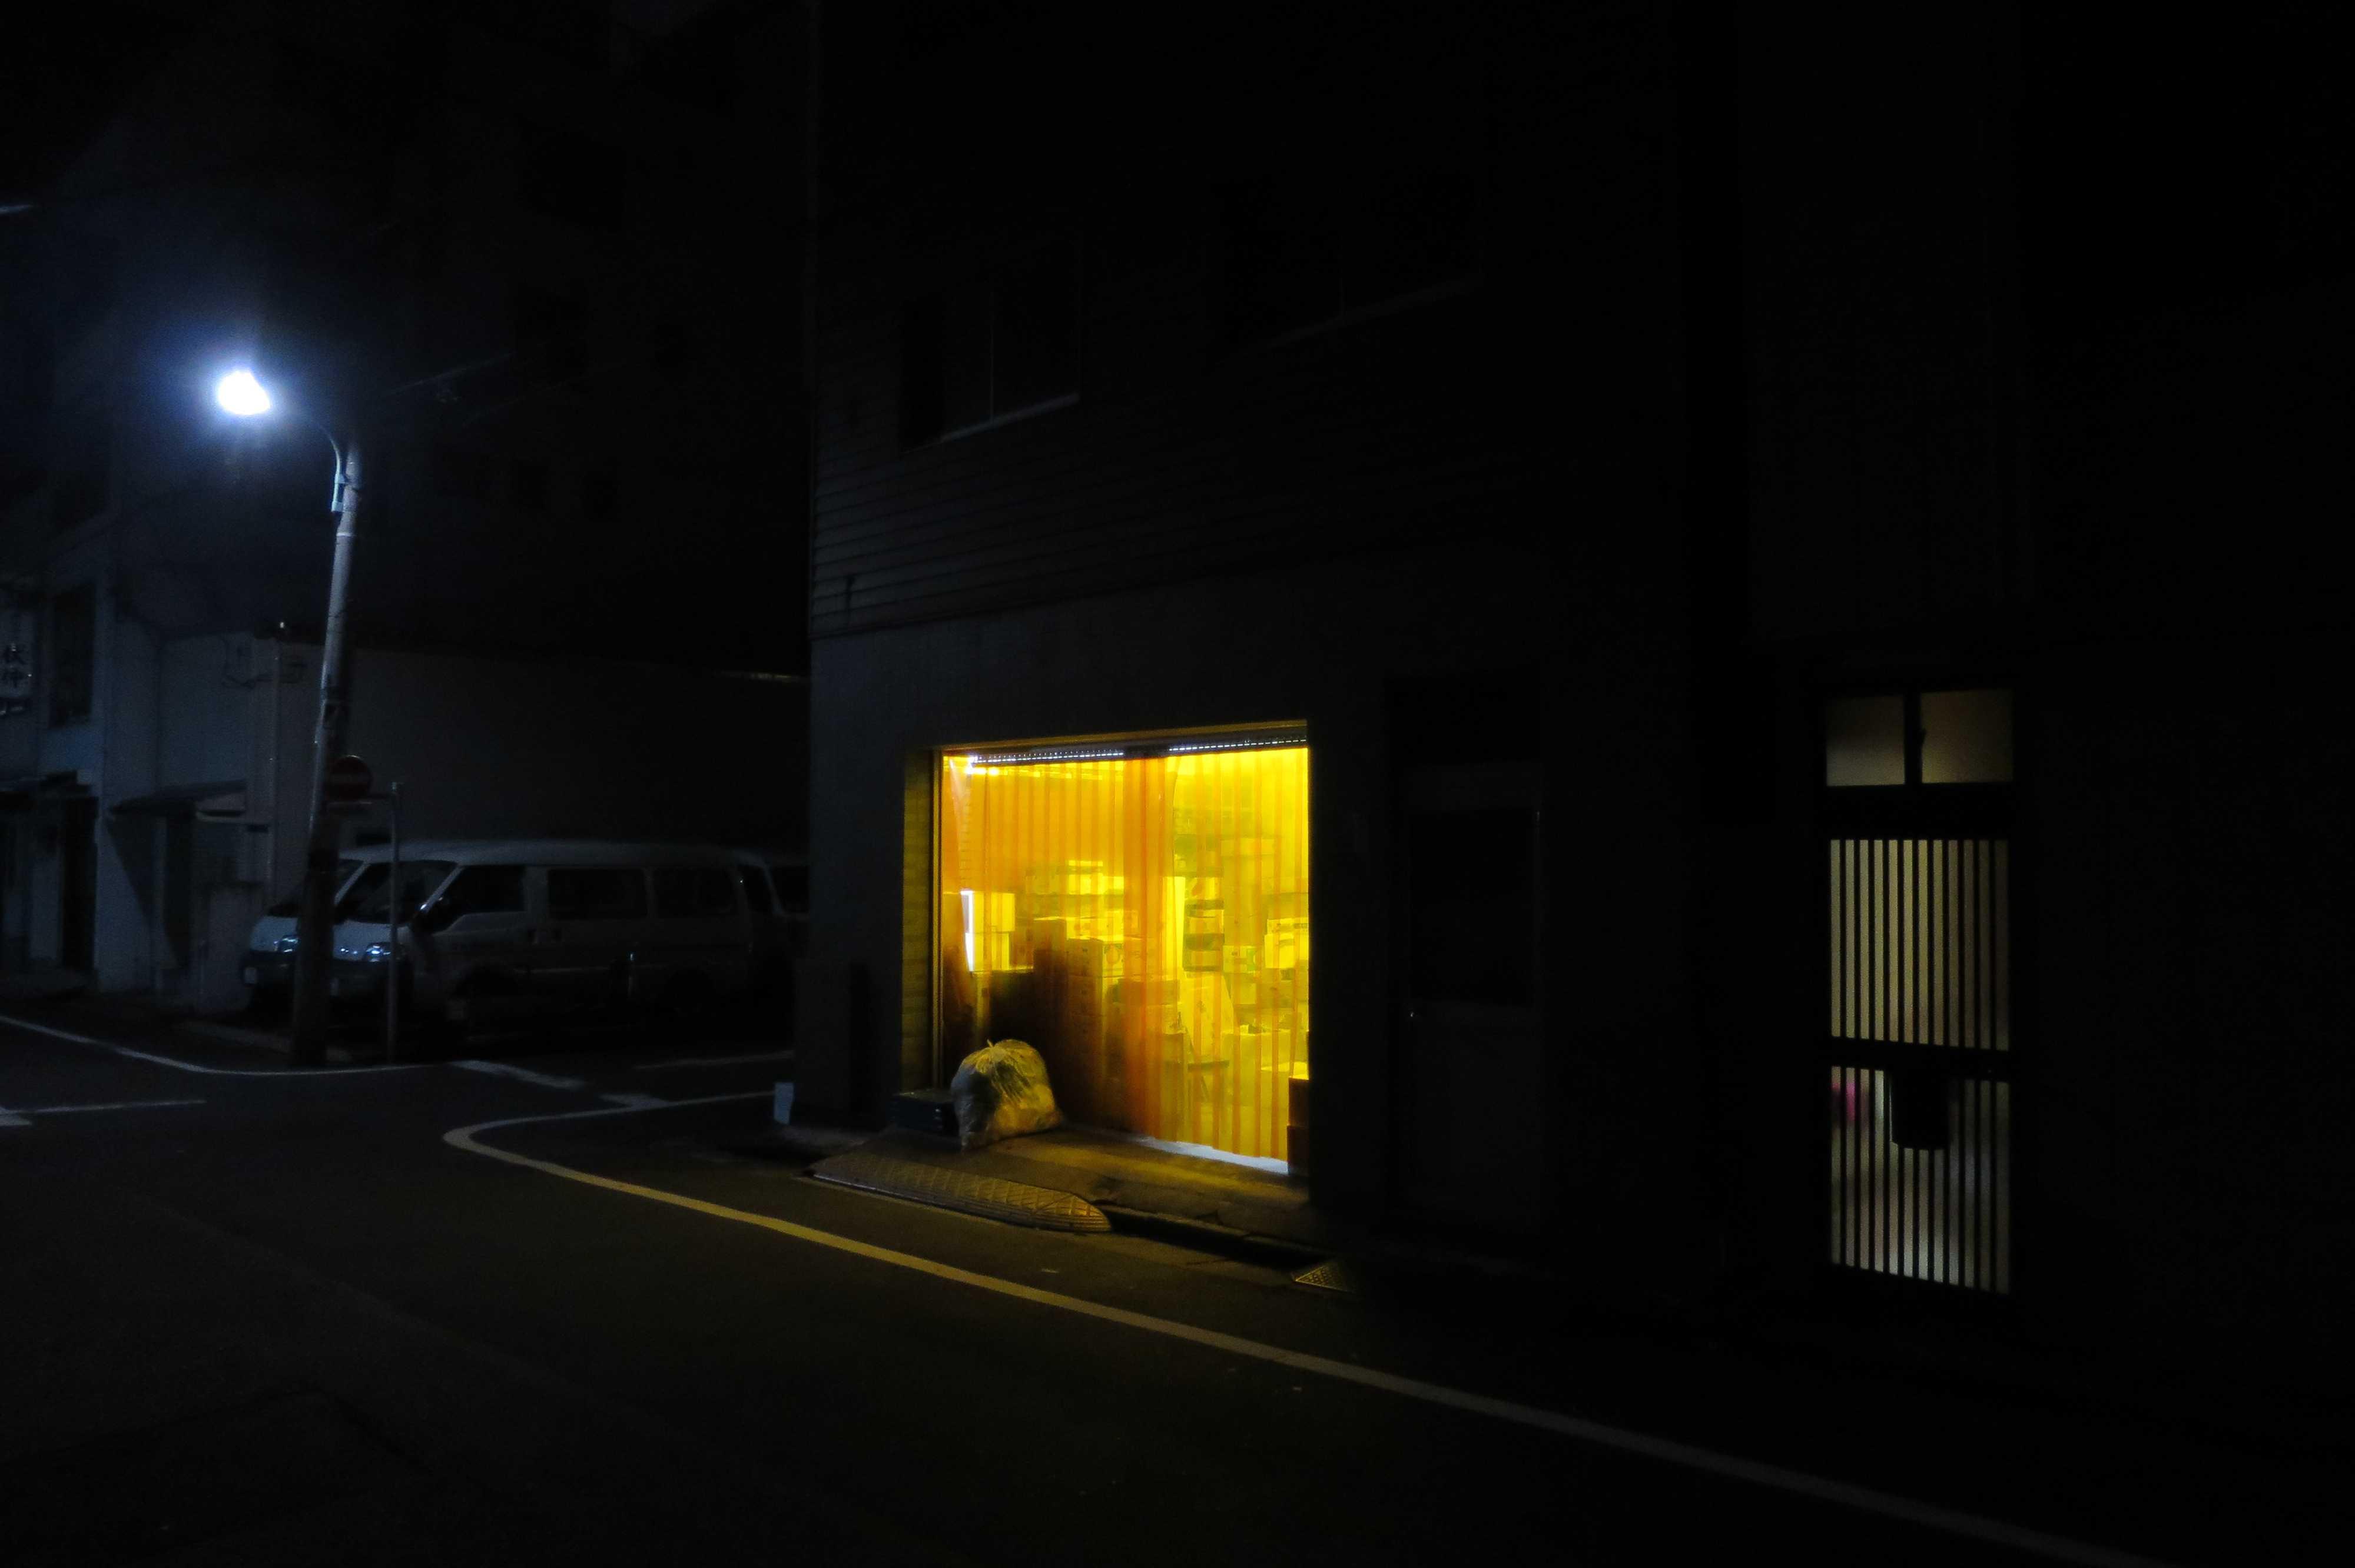 築地エリア - お店のオレンジ色のビニールカーテン